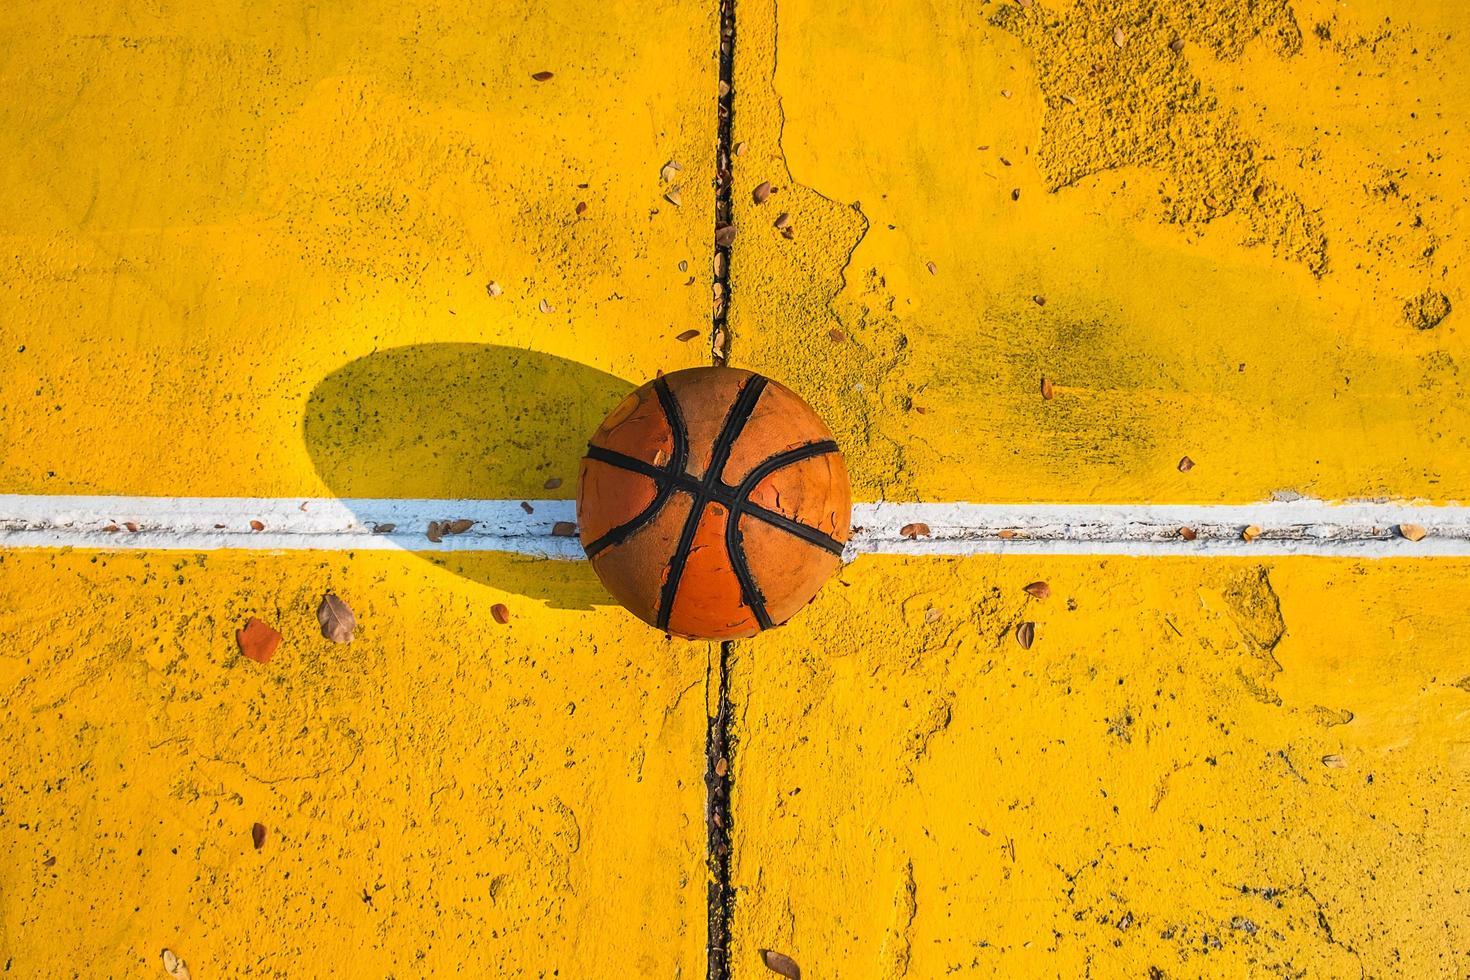 baloncesto antiguo en una cancha amarilla foto